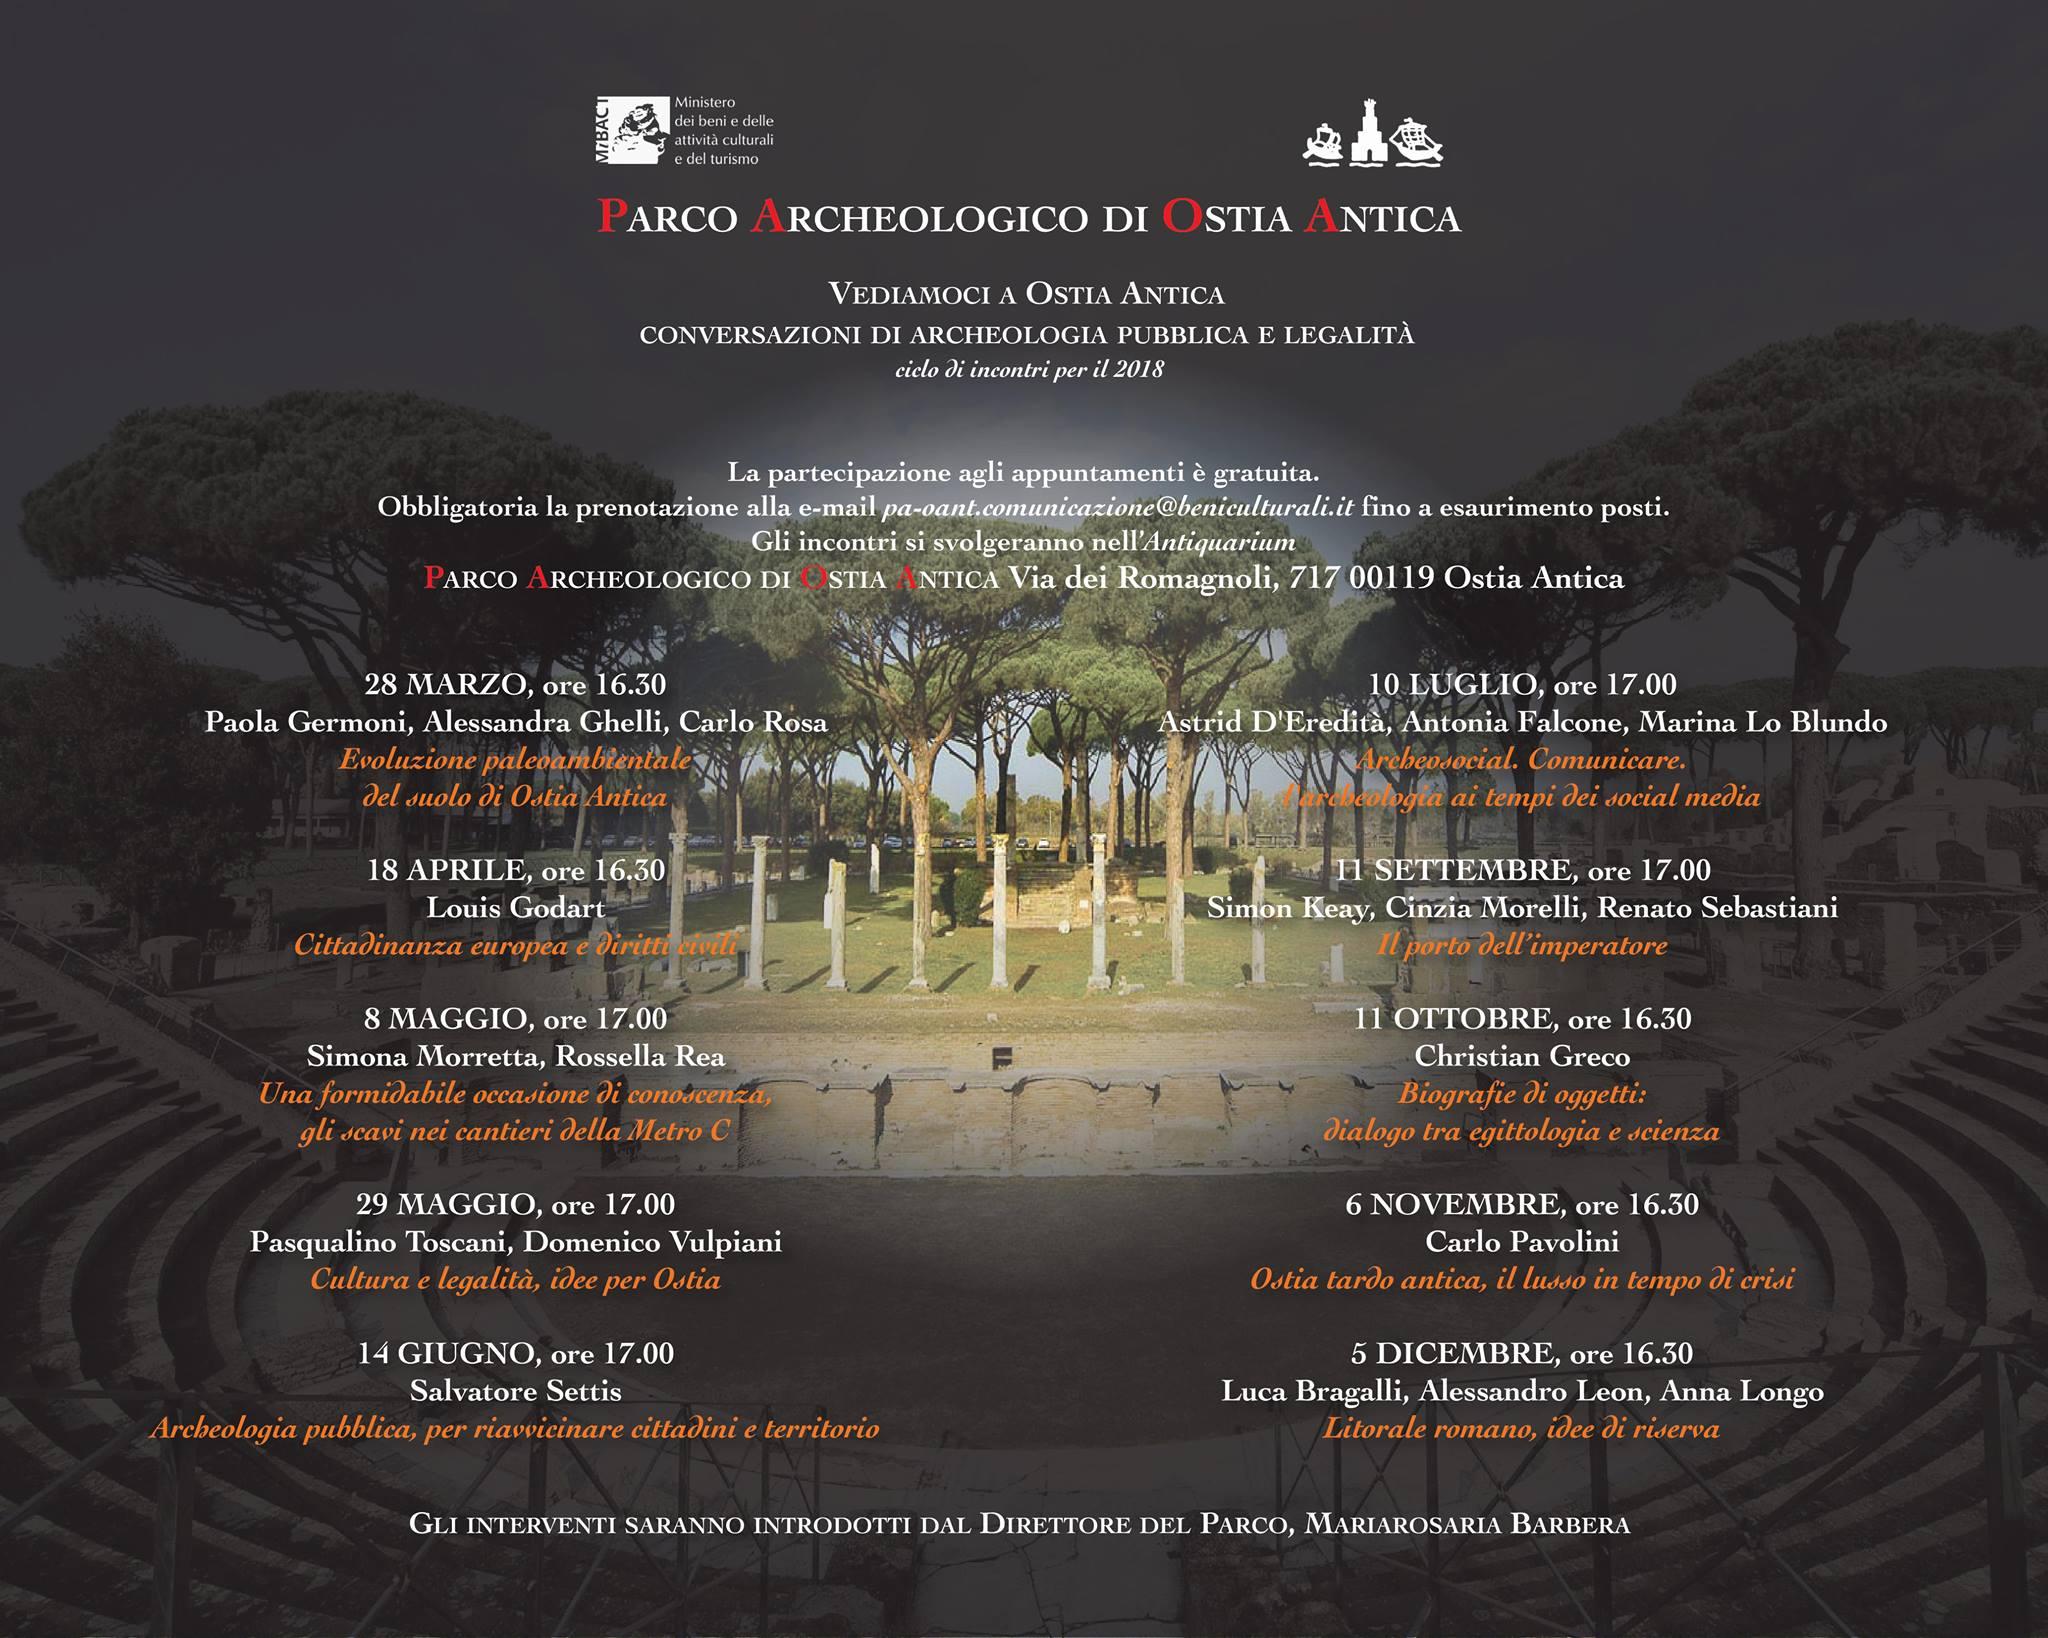 Vediamoci a Ostia Antica, dialogo e confronto tra le istituzioni e la cittadinanza